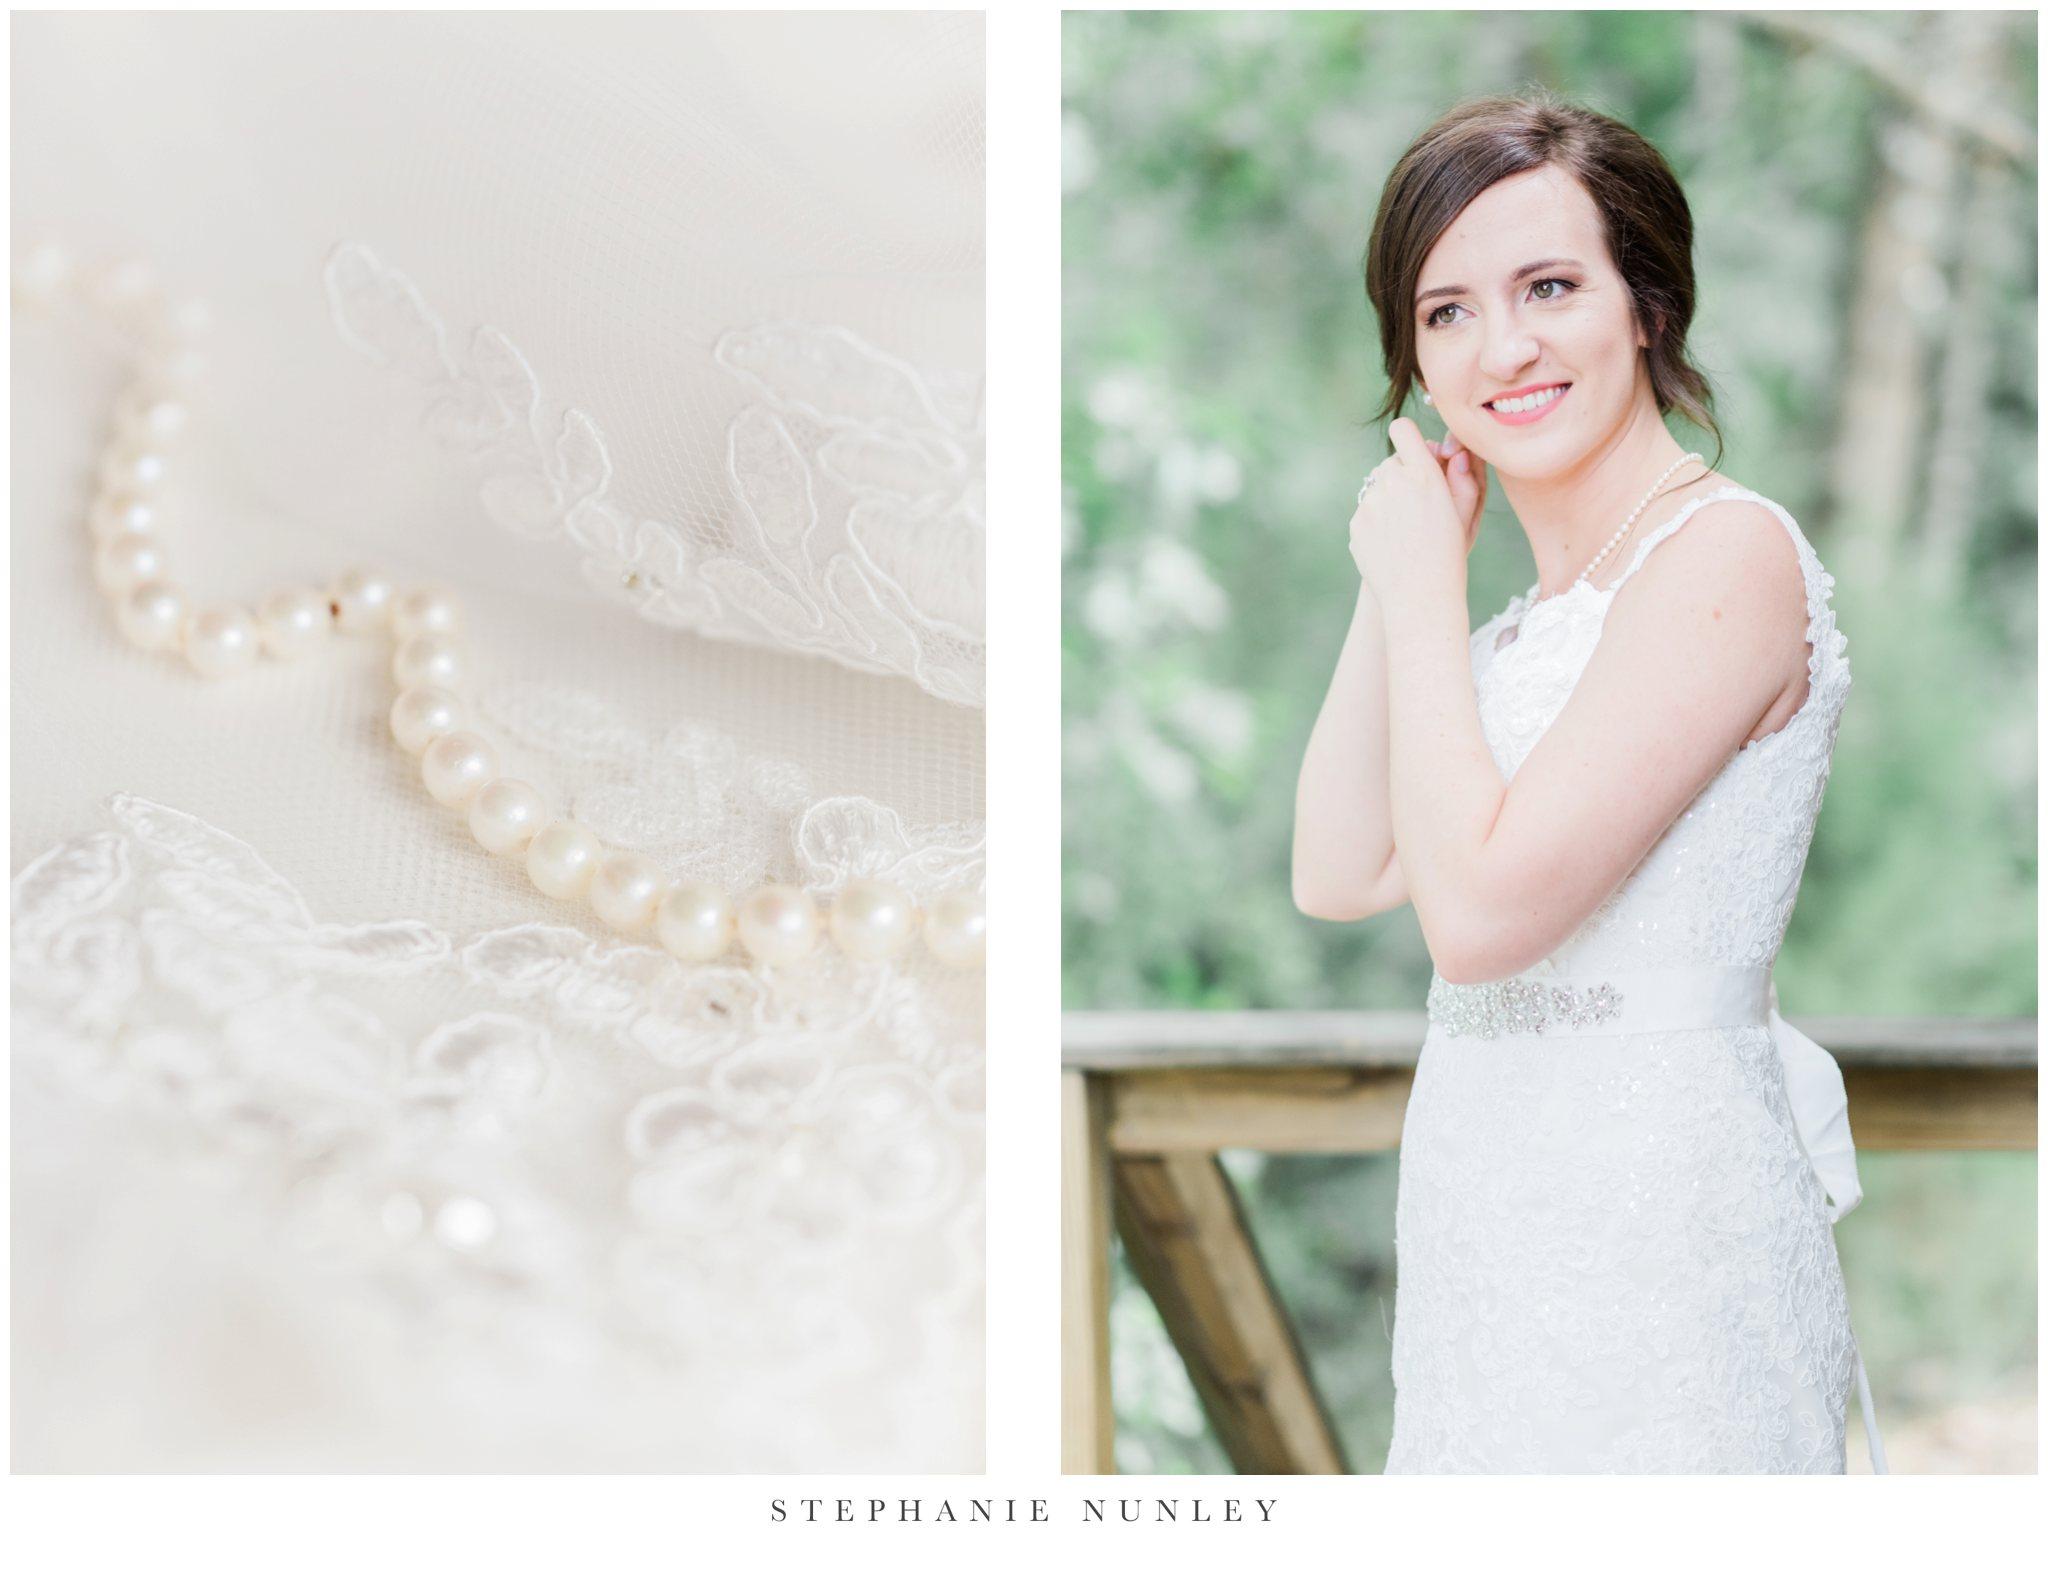 arkansas-outdoor-film-inspired-wedding-0011.jpg